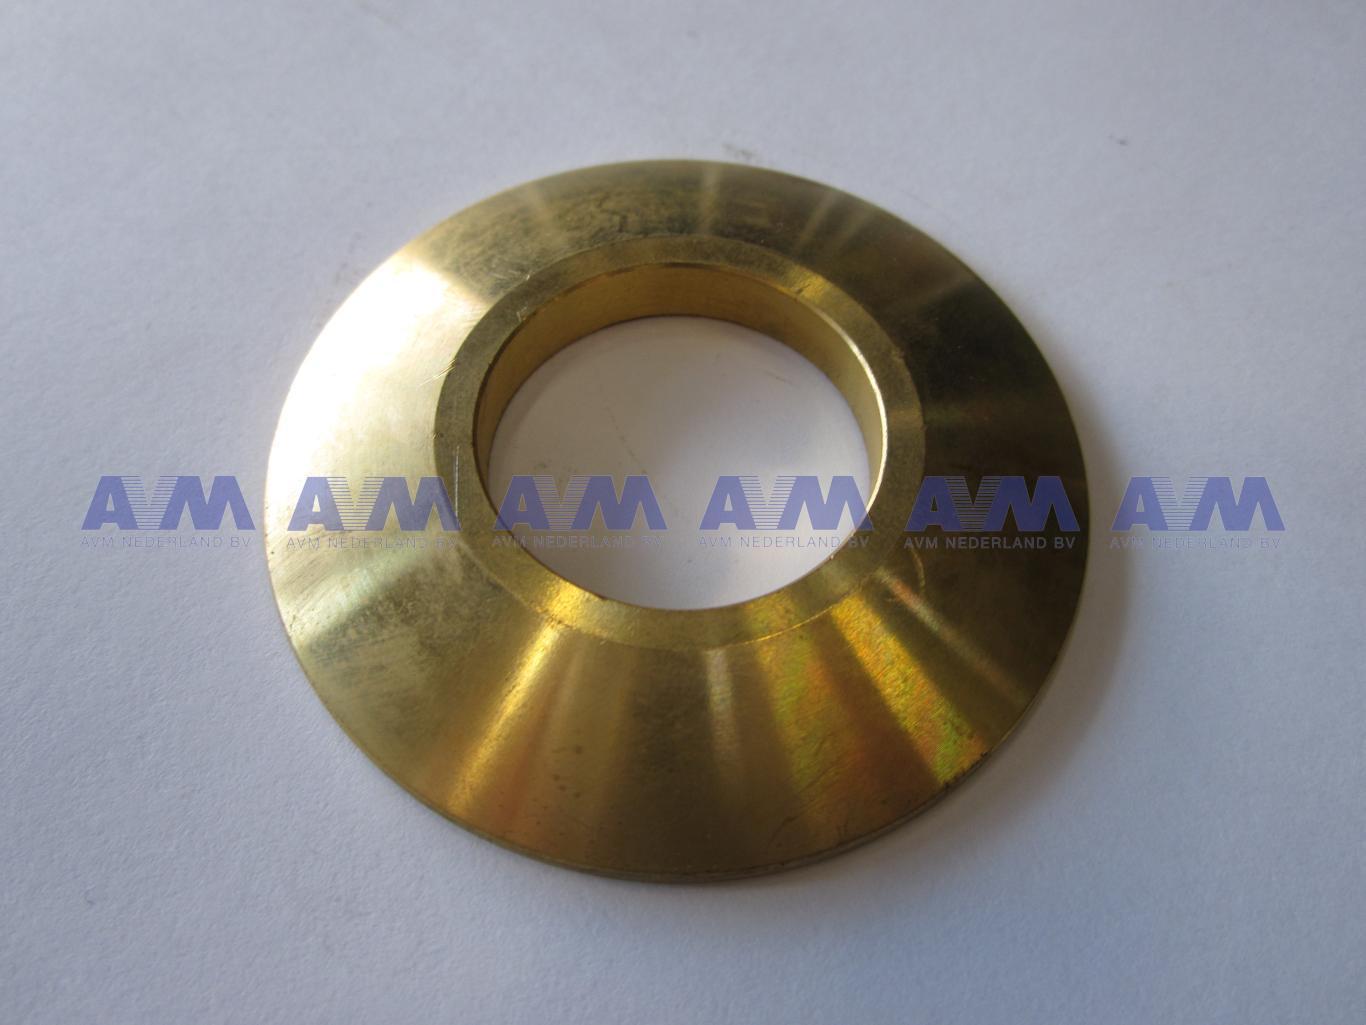 Aanloopschijf brons gebruikt 96579100-G Tadano Demag